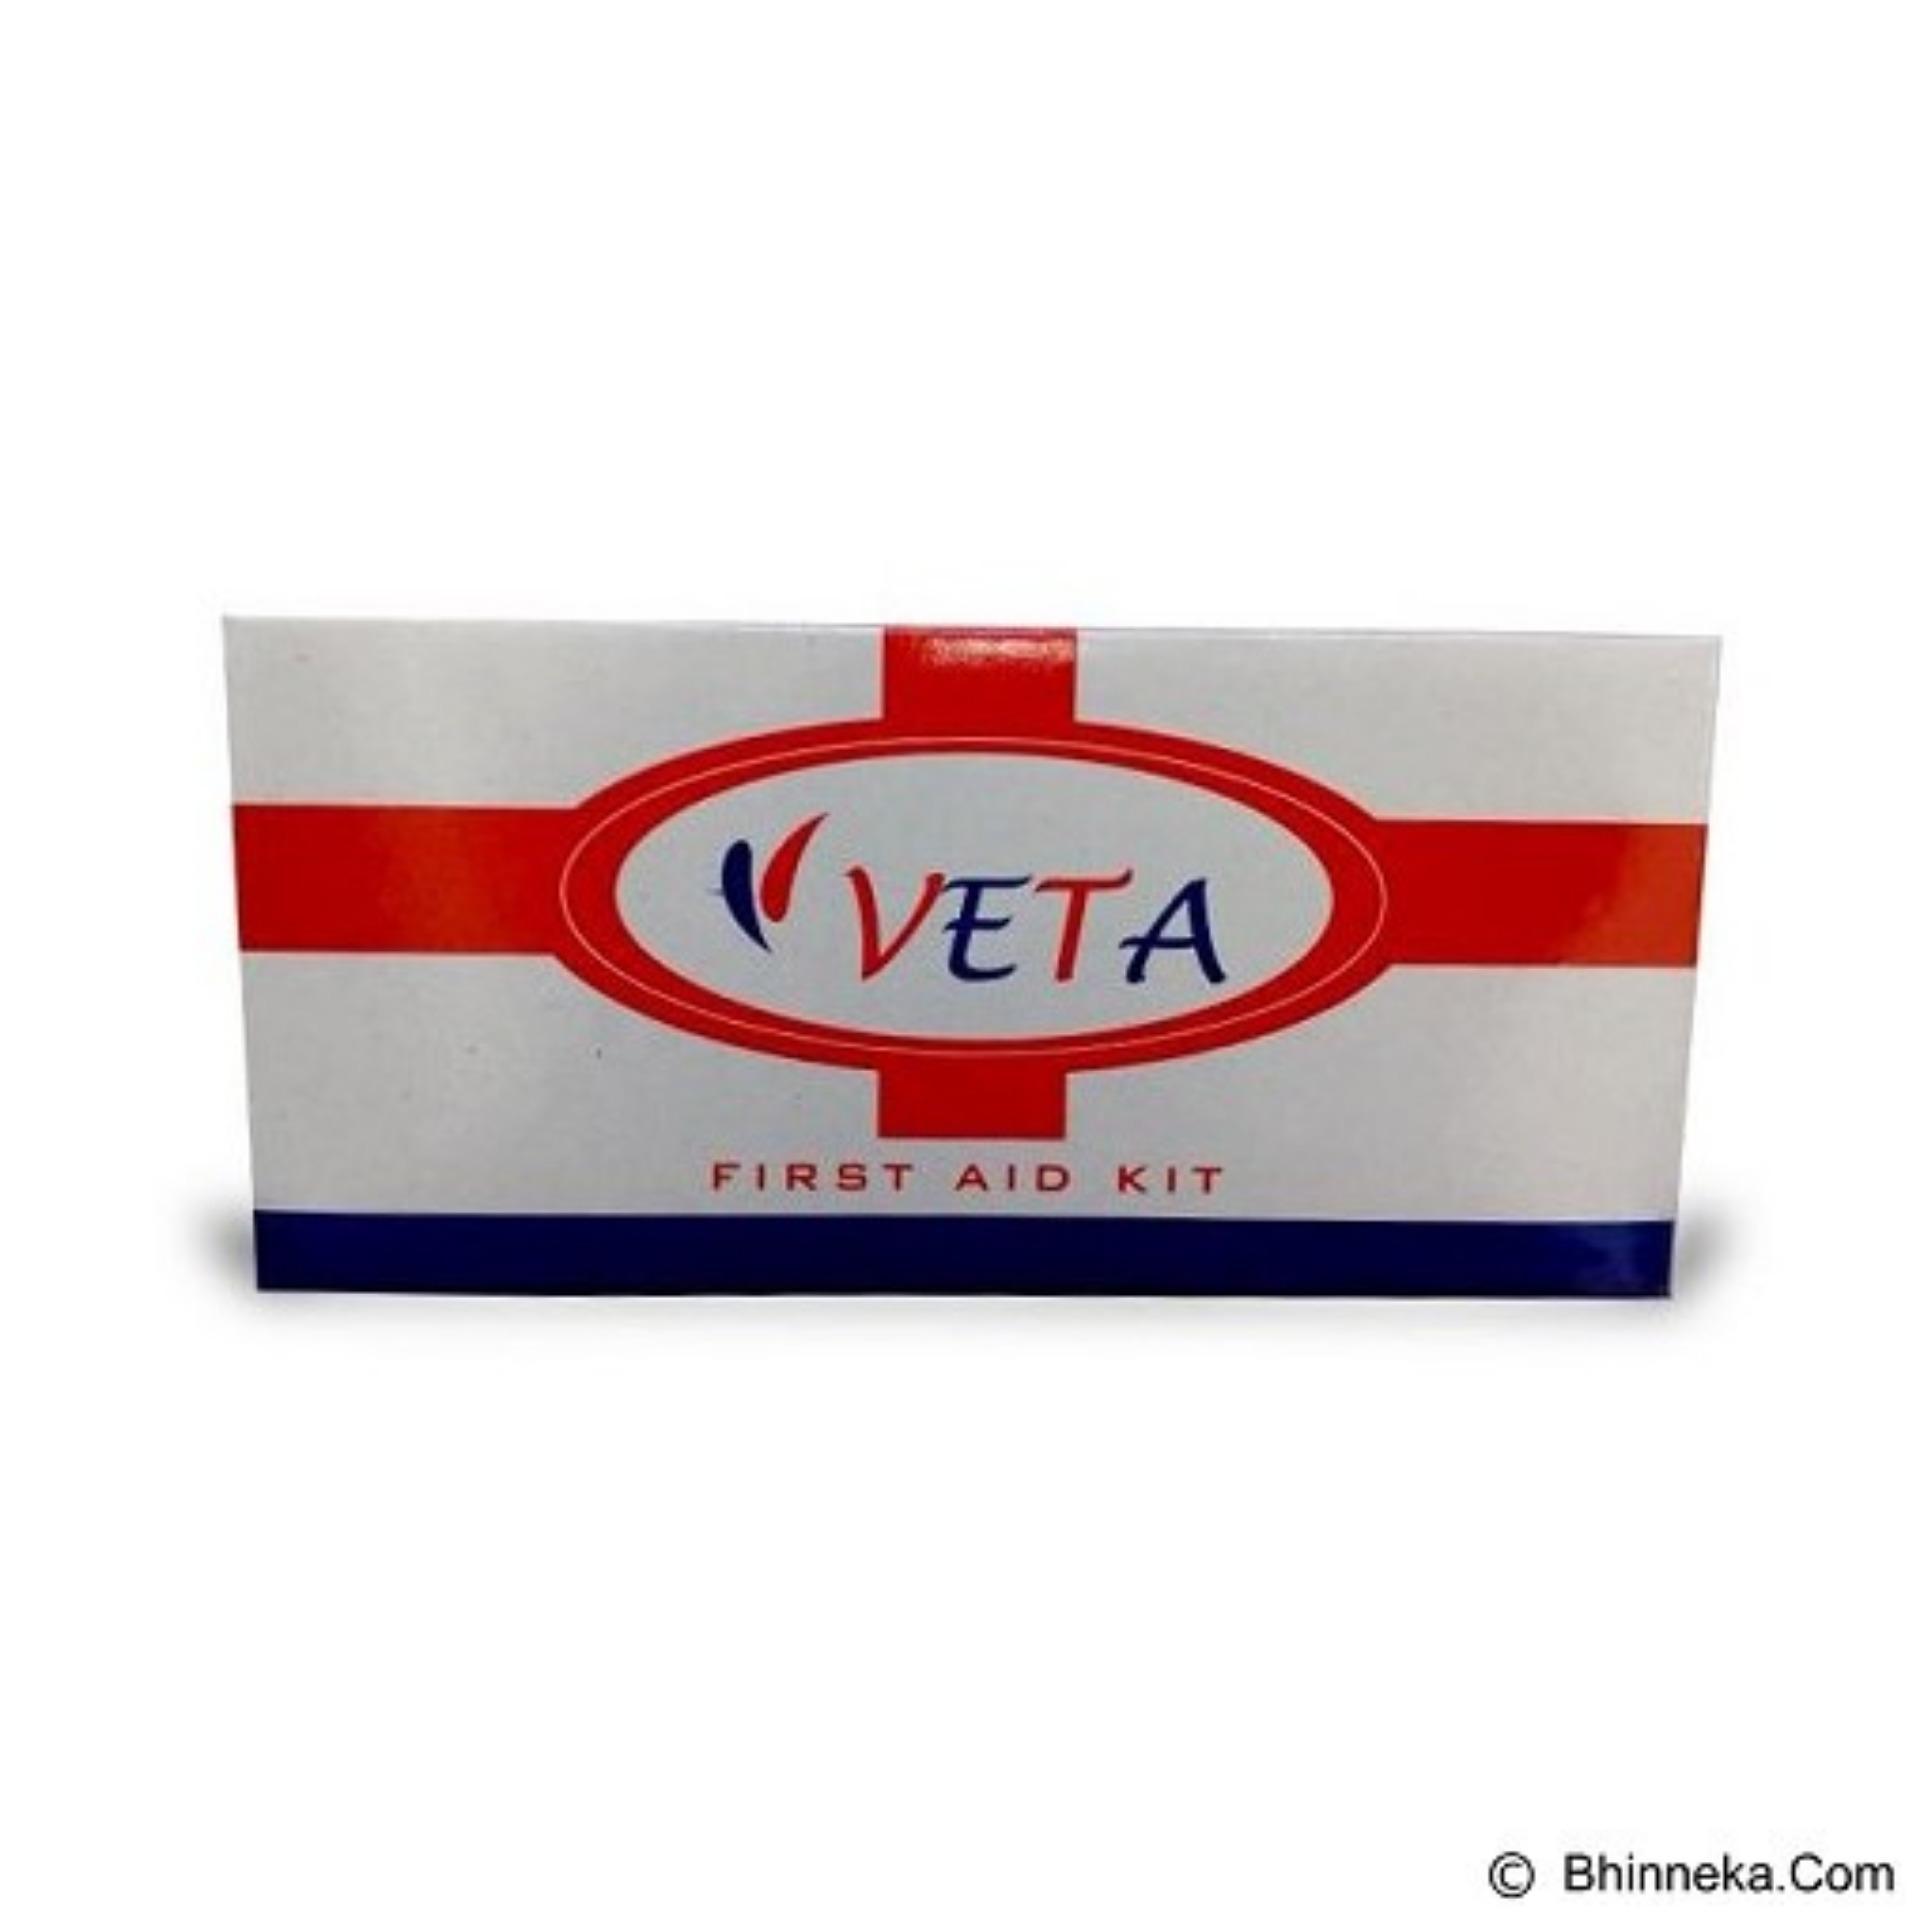 Onemed Kotak P3k Mobil Isi Lengkap Spec Dan Daftar Harga Terbaru First Aid Kit Acr Veta